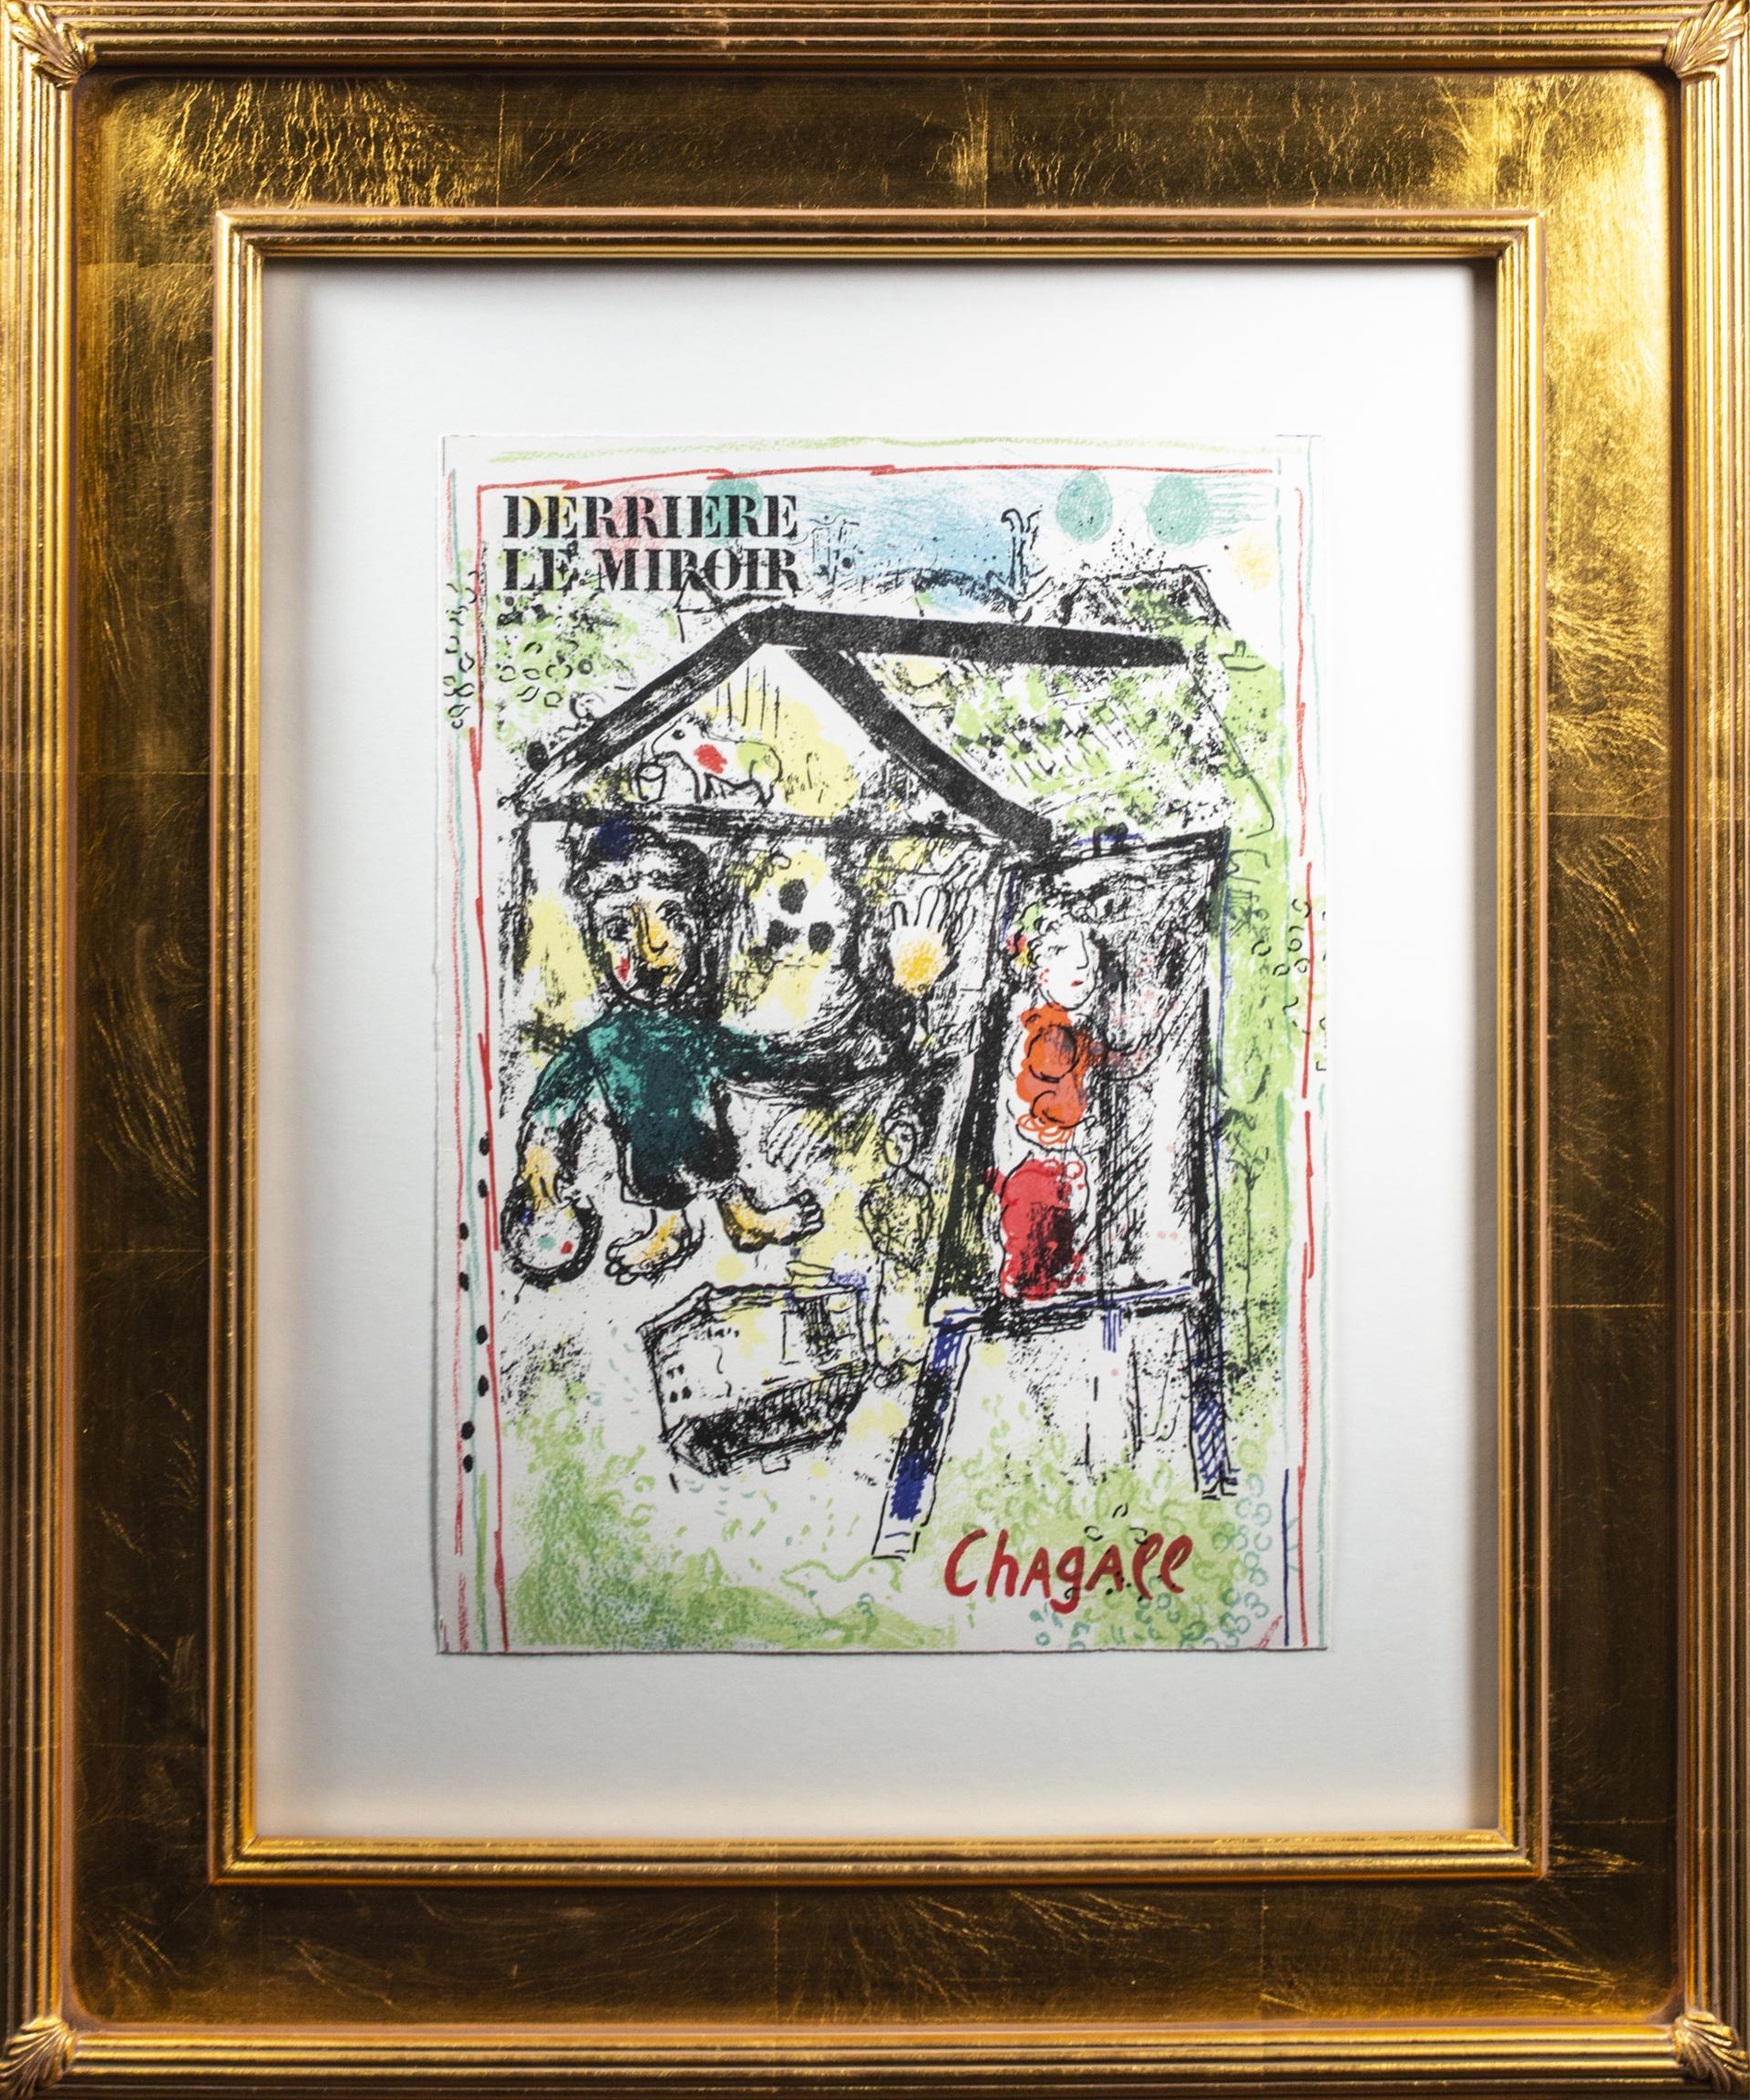 Derièrre le Miroir, Couverture: La Peintre devant le Village I (Cover of Dèrriere le Miroir No. 182: The Artist at the Village I) M 603a by Marc Chagall